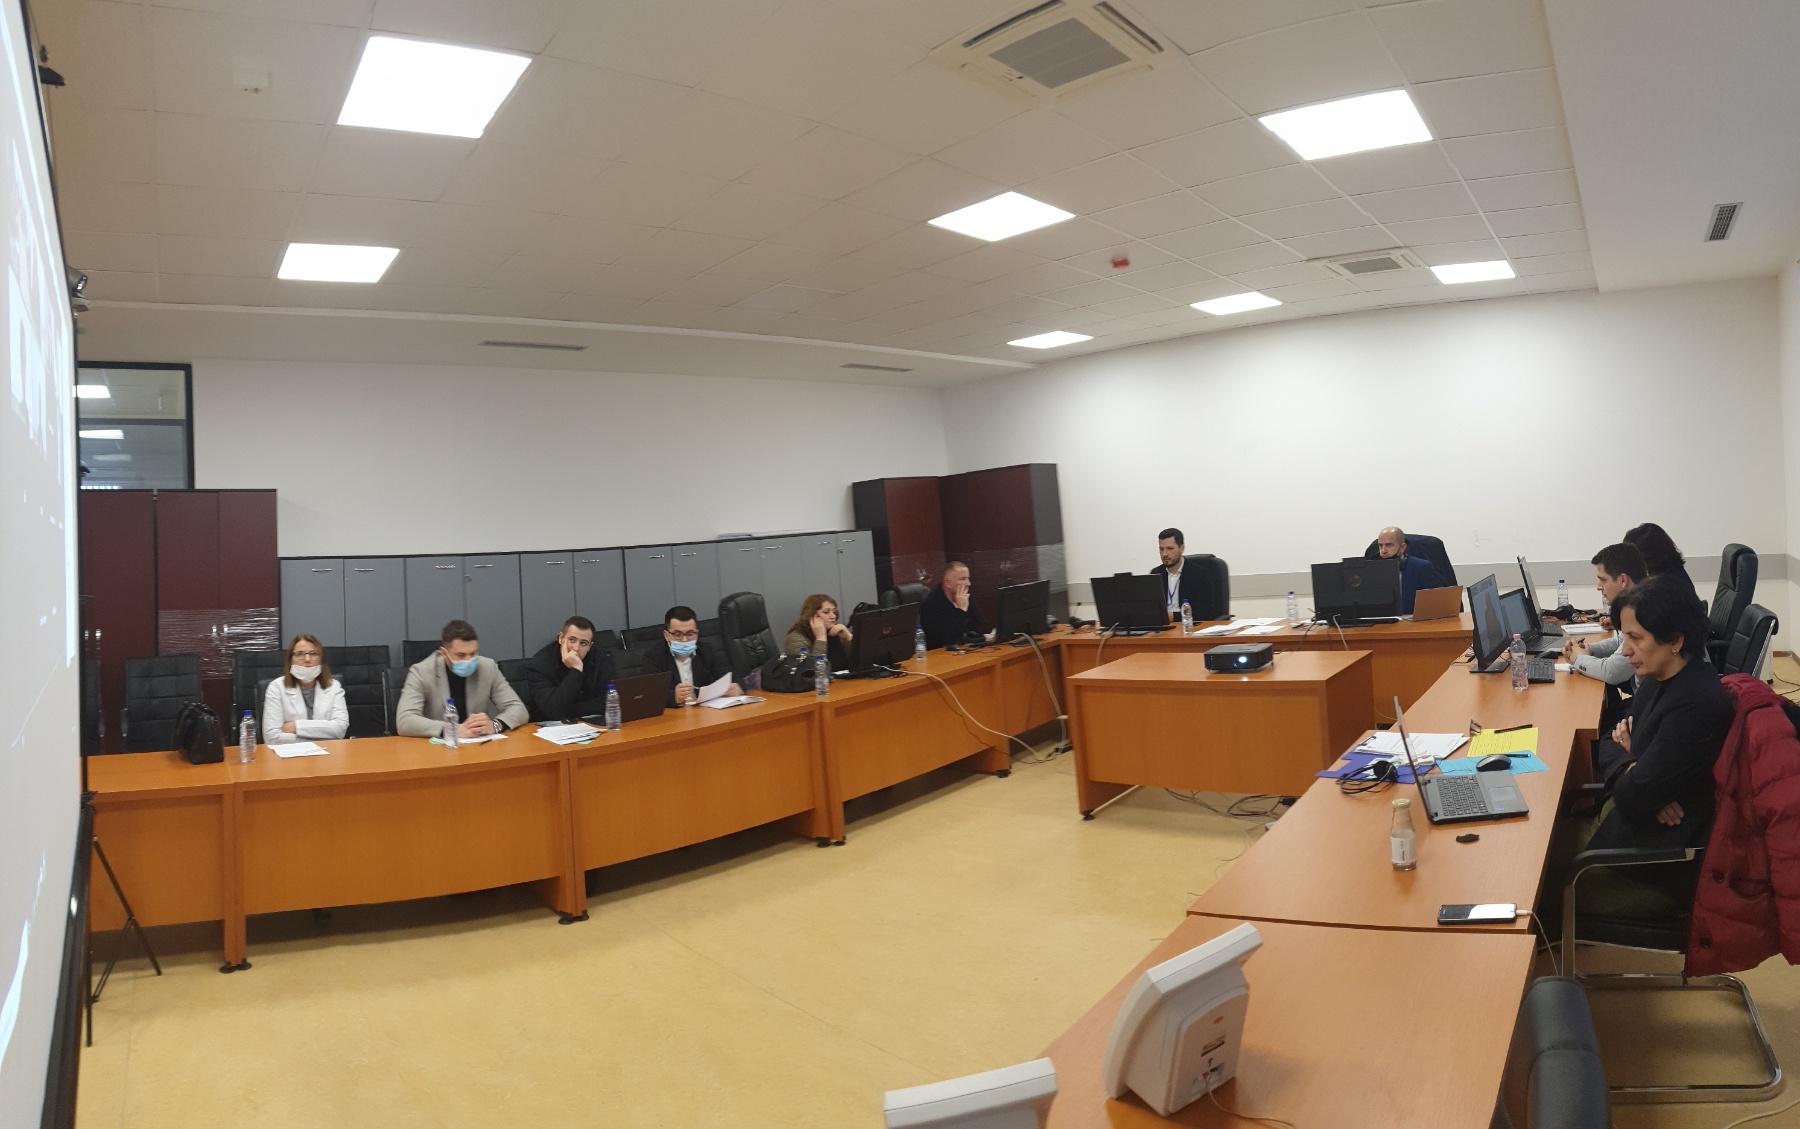 Filluan takimet virtuale me ekspertët ndërkombëtarë në procesin e riakreditimit të programeve